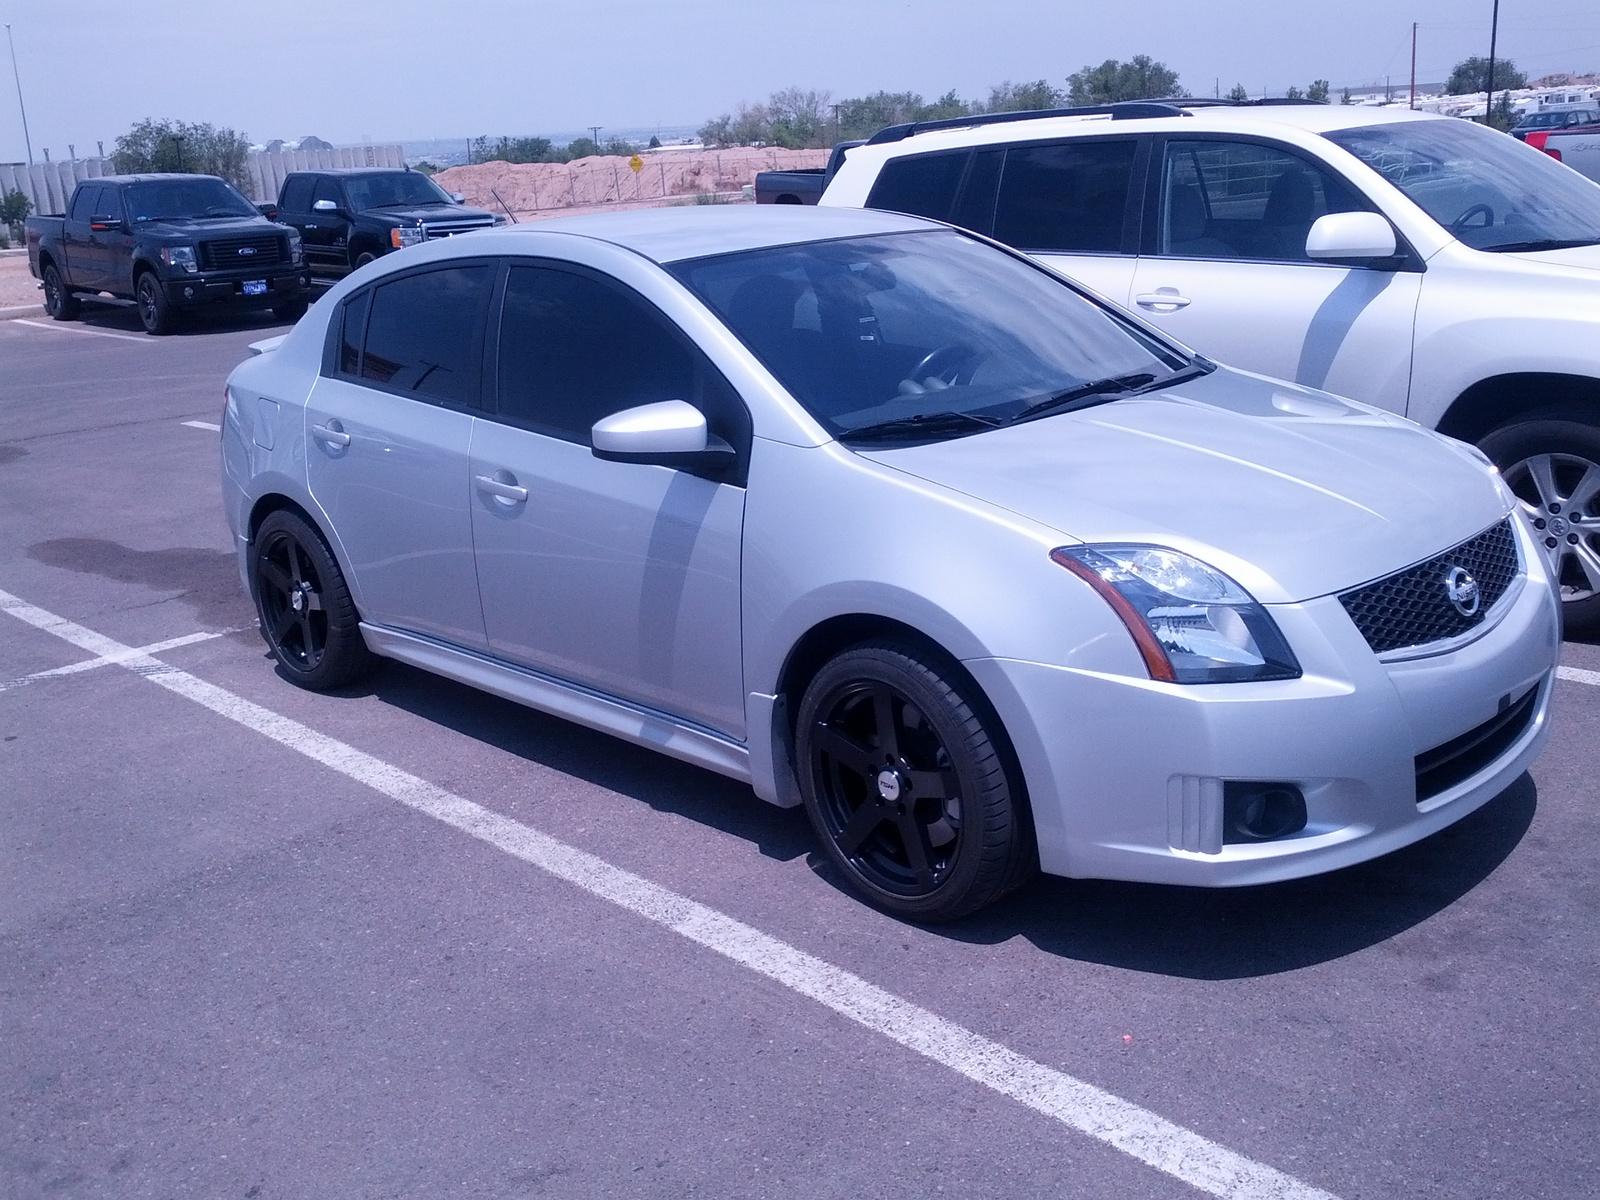 2011 Nissan Sentra Pictures Cargurus